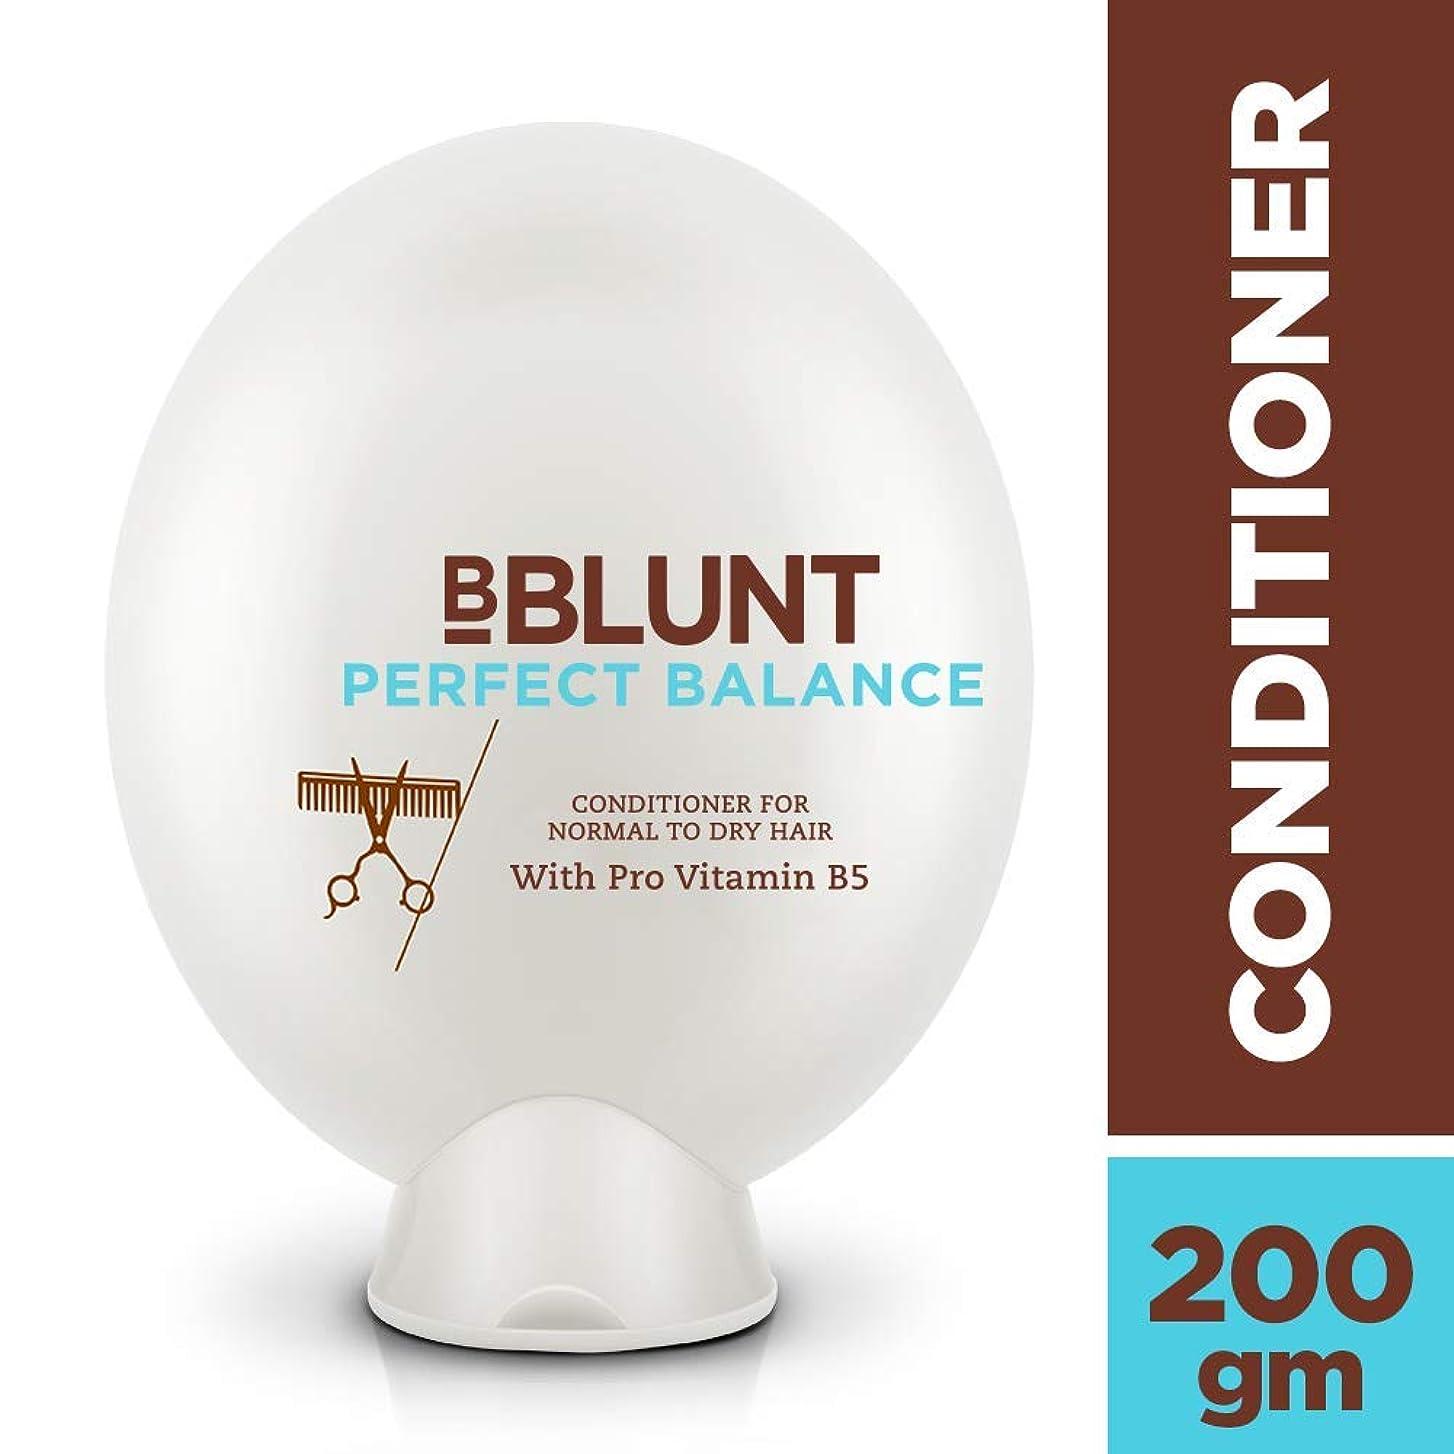 農業の瞑想するずるいBBLUNT Perfect Balance Conditioner for Normal To Dry Hair, 200g (Provitamin B5)